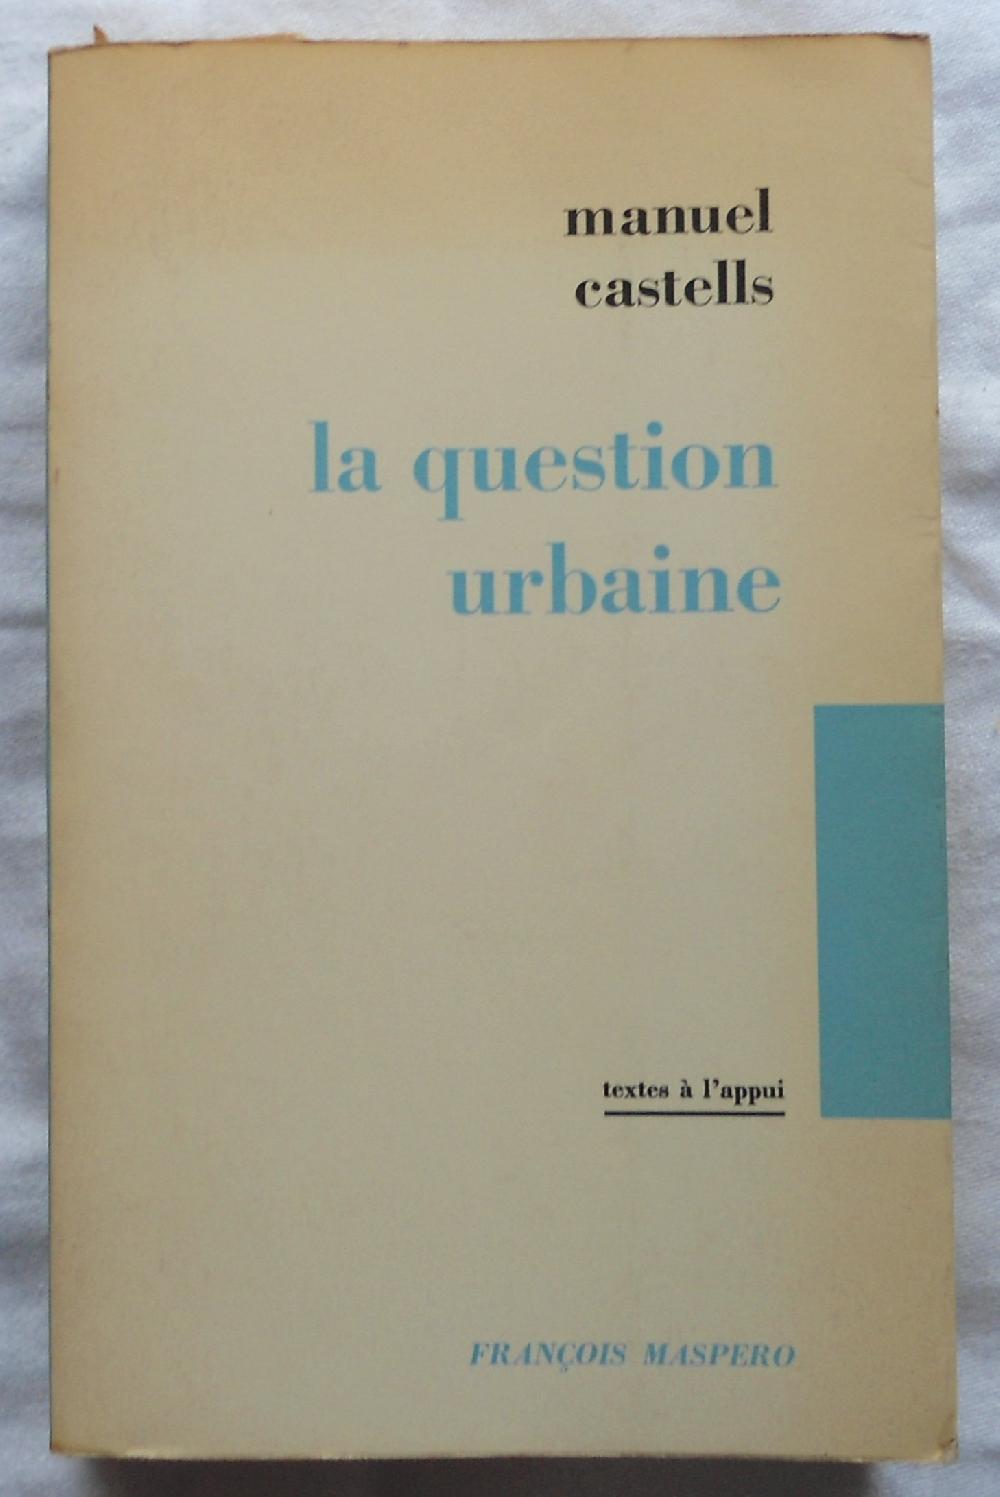 La question urbaine